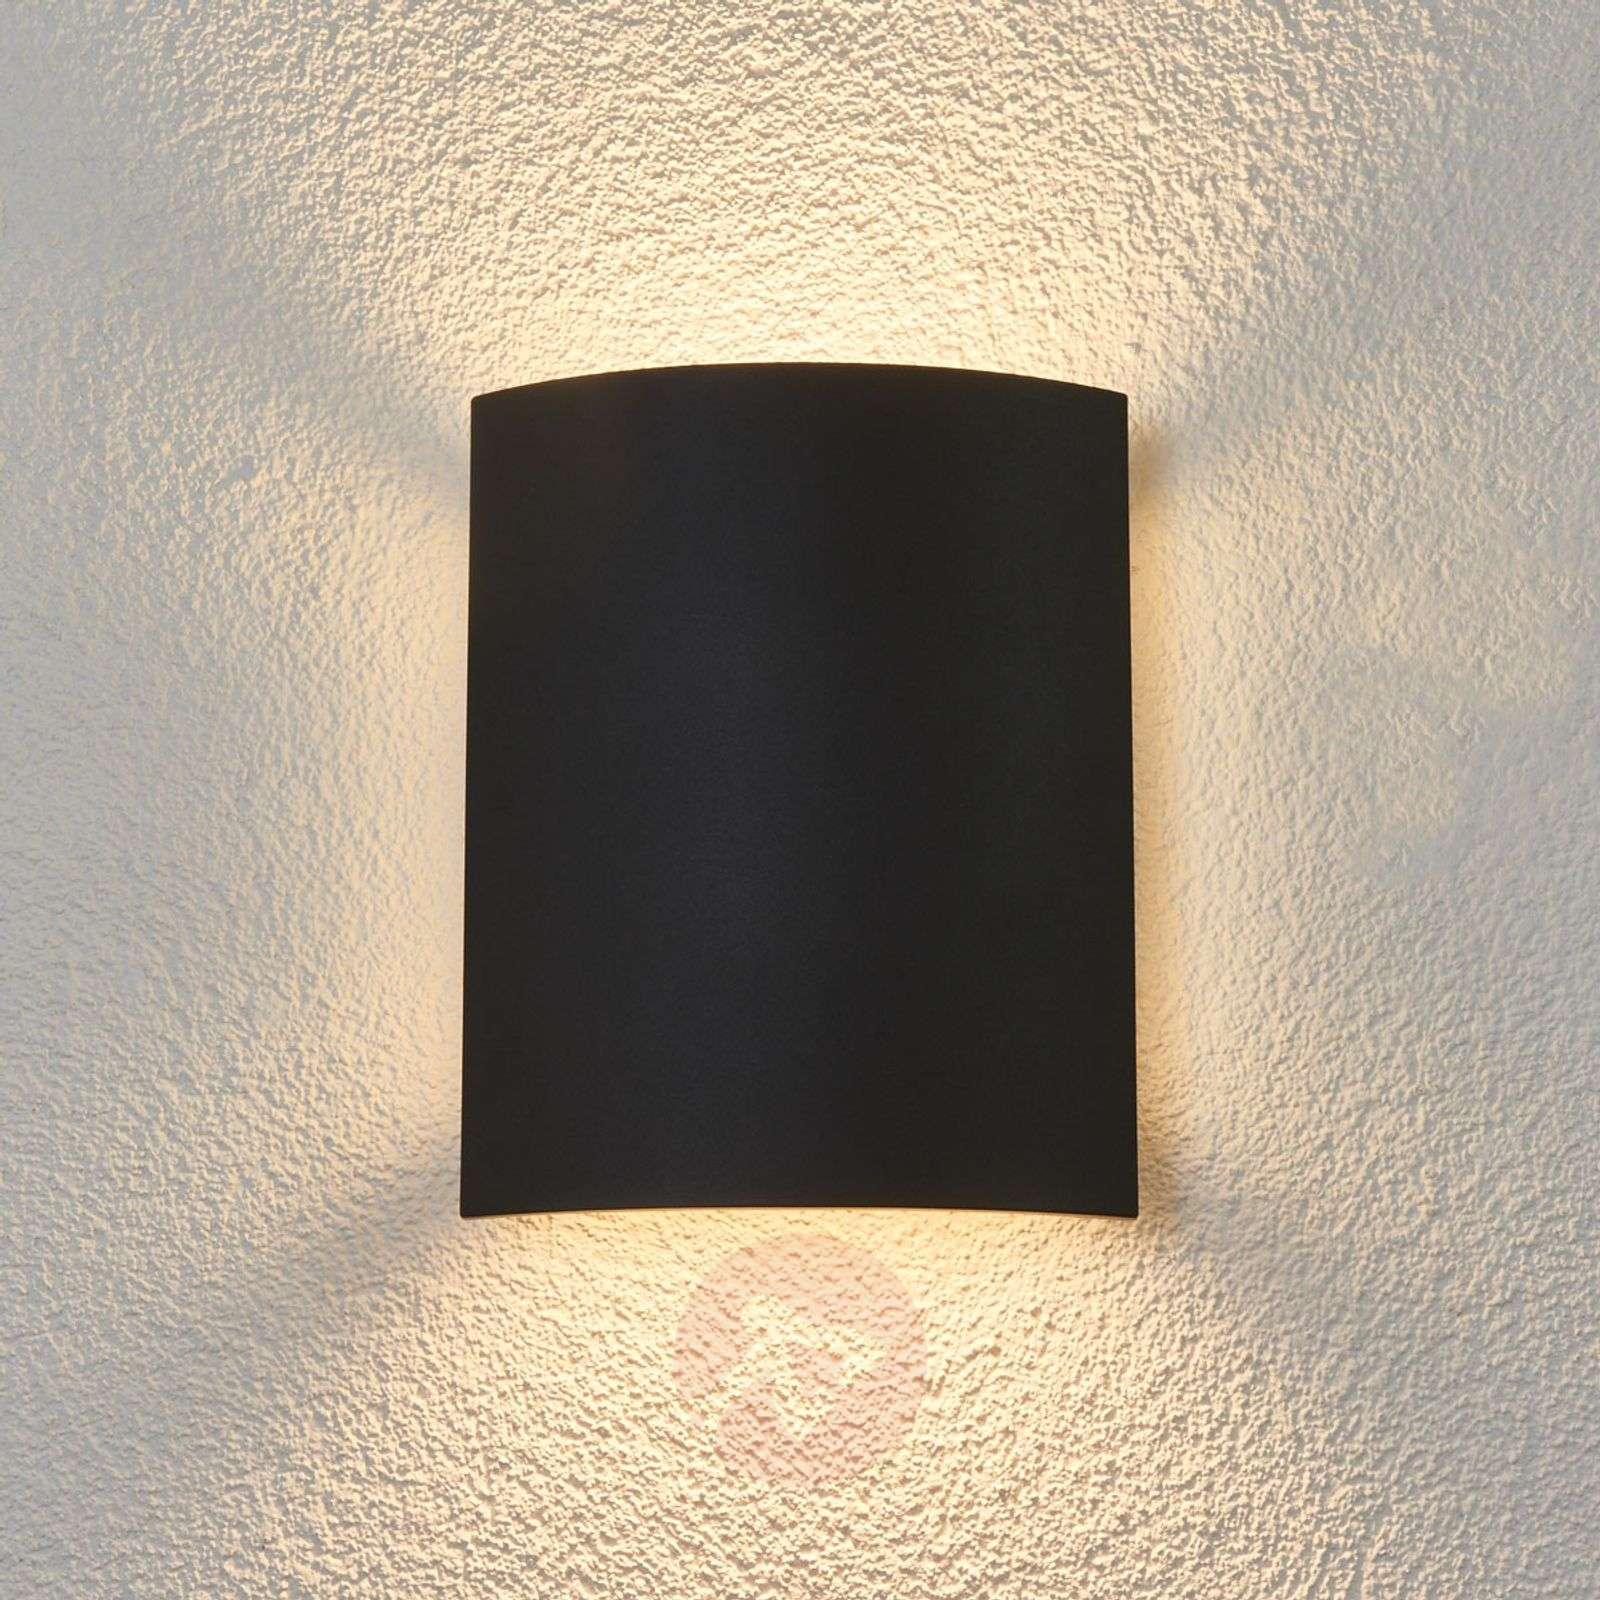 Aluminium IP54 LED outdoor wall light Tyra-9616100-01